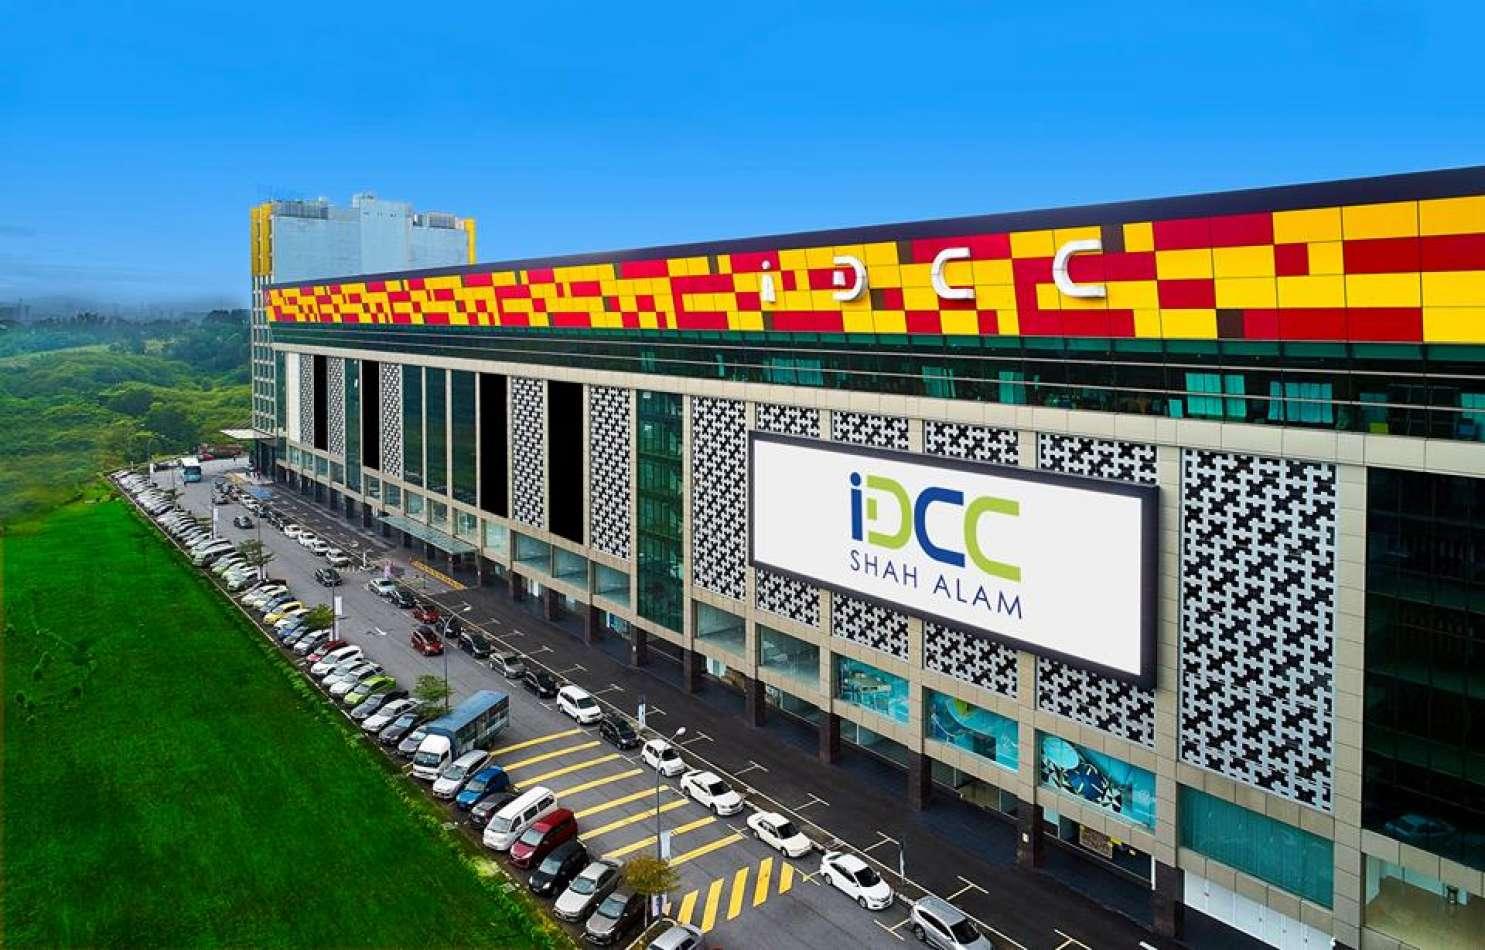 IDCC-Shah-Alam15312063845b445af0658513.16035364.jpg